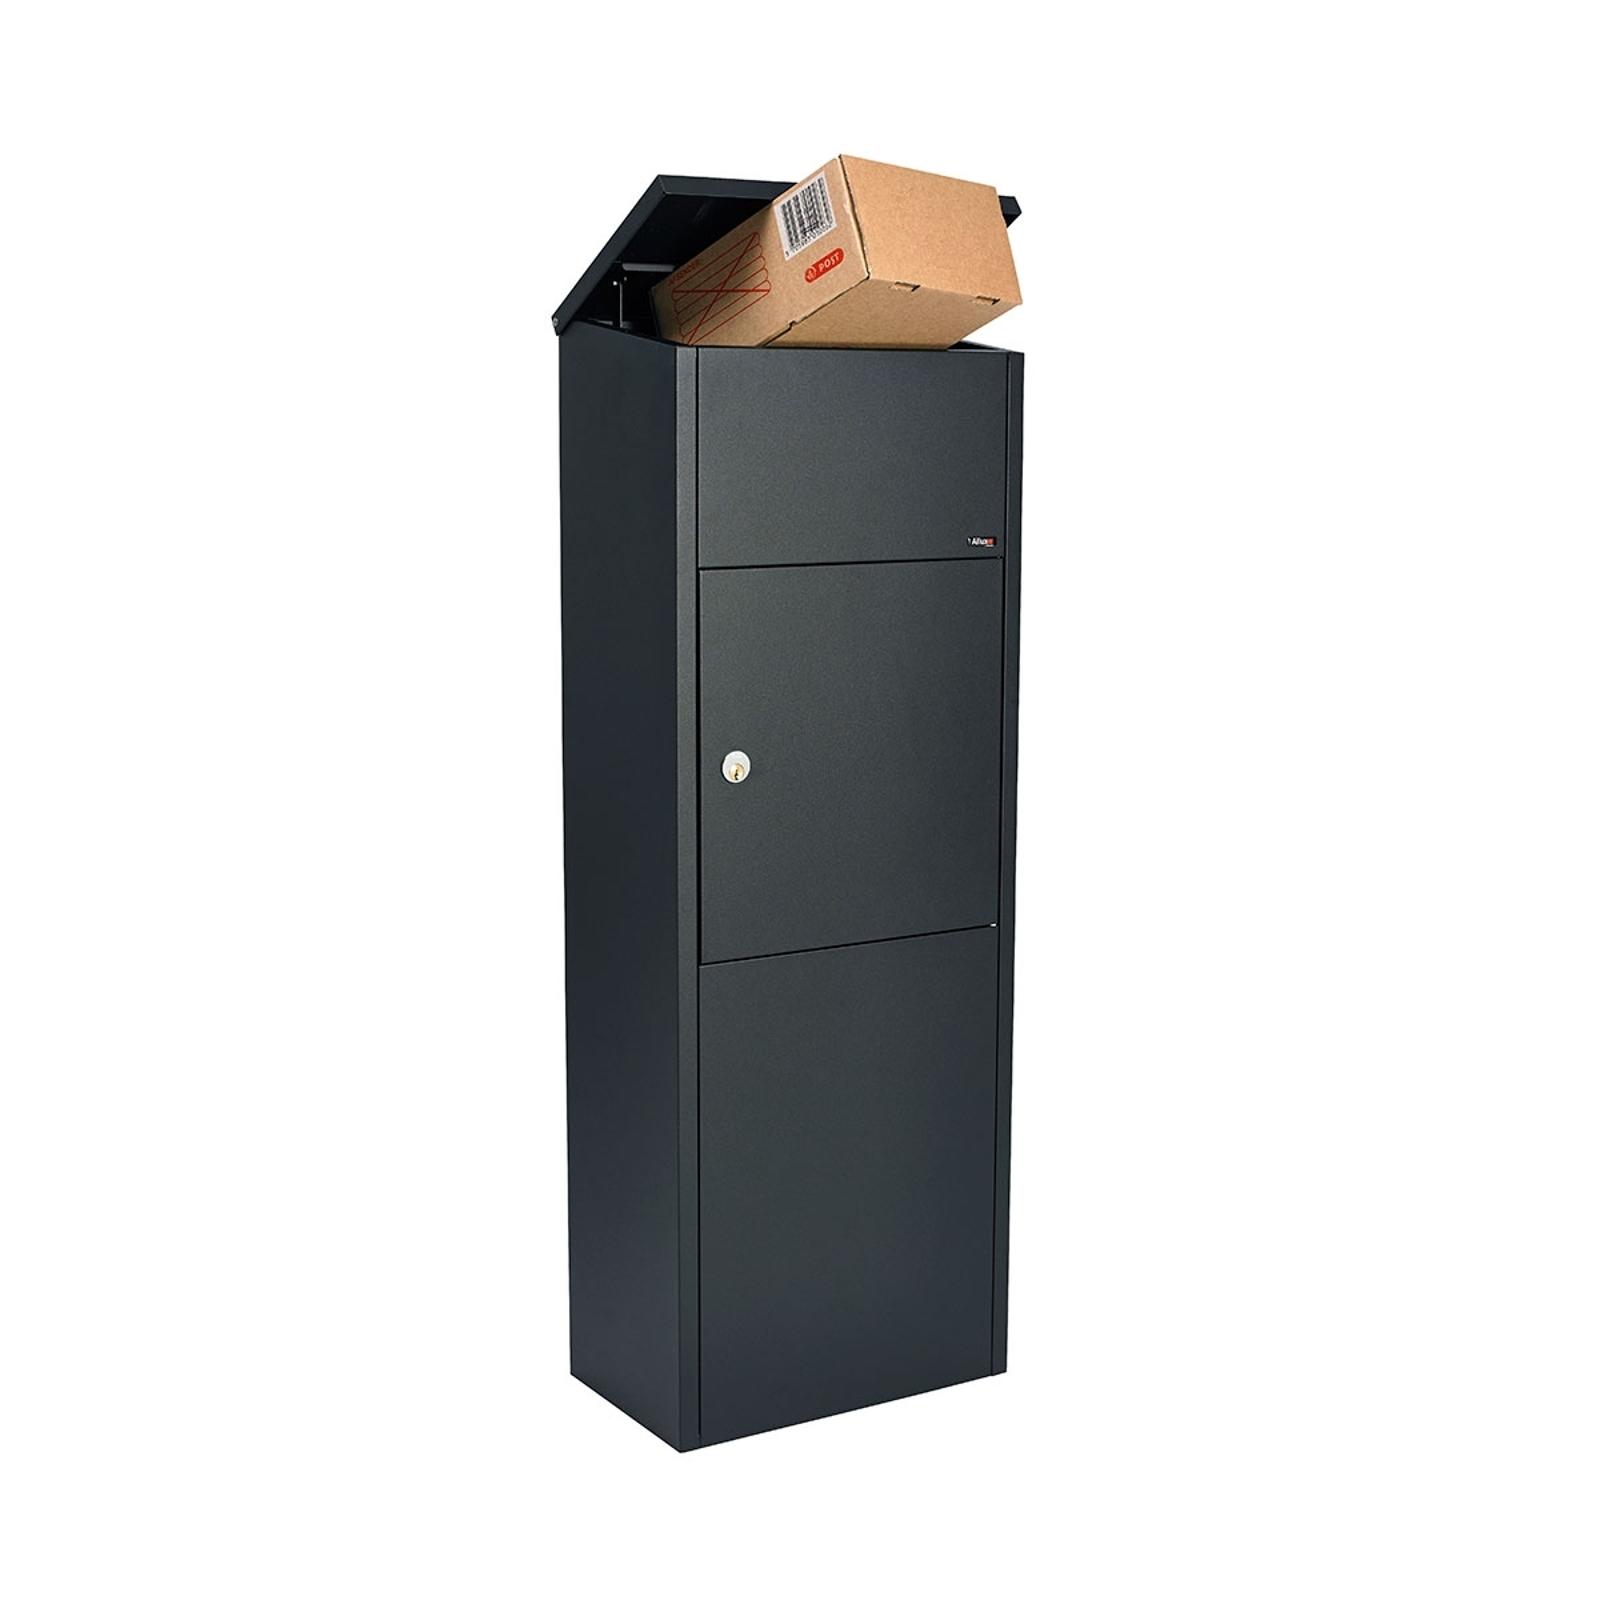 Brev-/paketpostlåda 600S med Rukolås